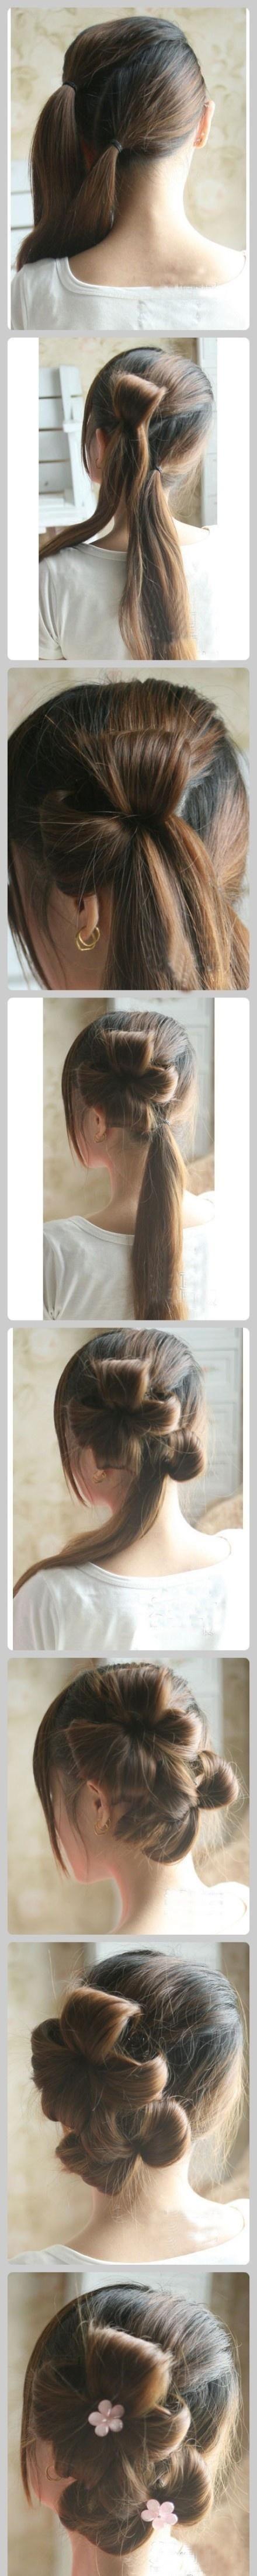 ... Bun Hairstyles, Hair Flower, Hair Styles, Ribbon Hair, Cute Hairstyles